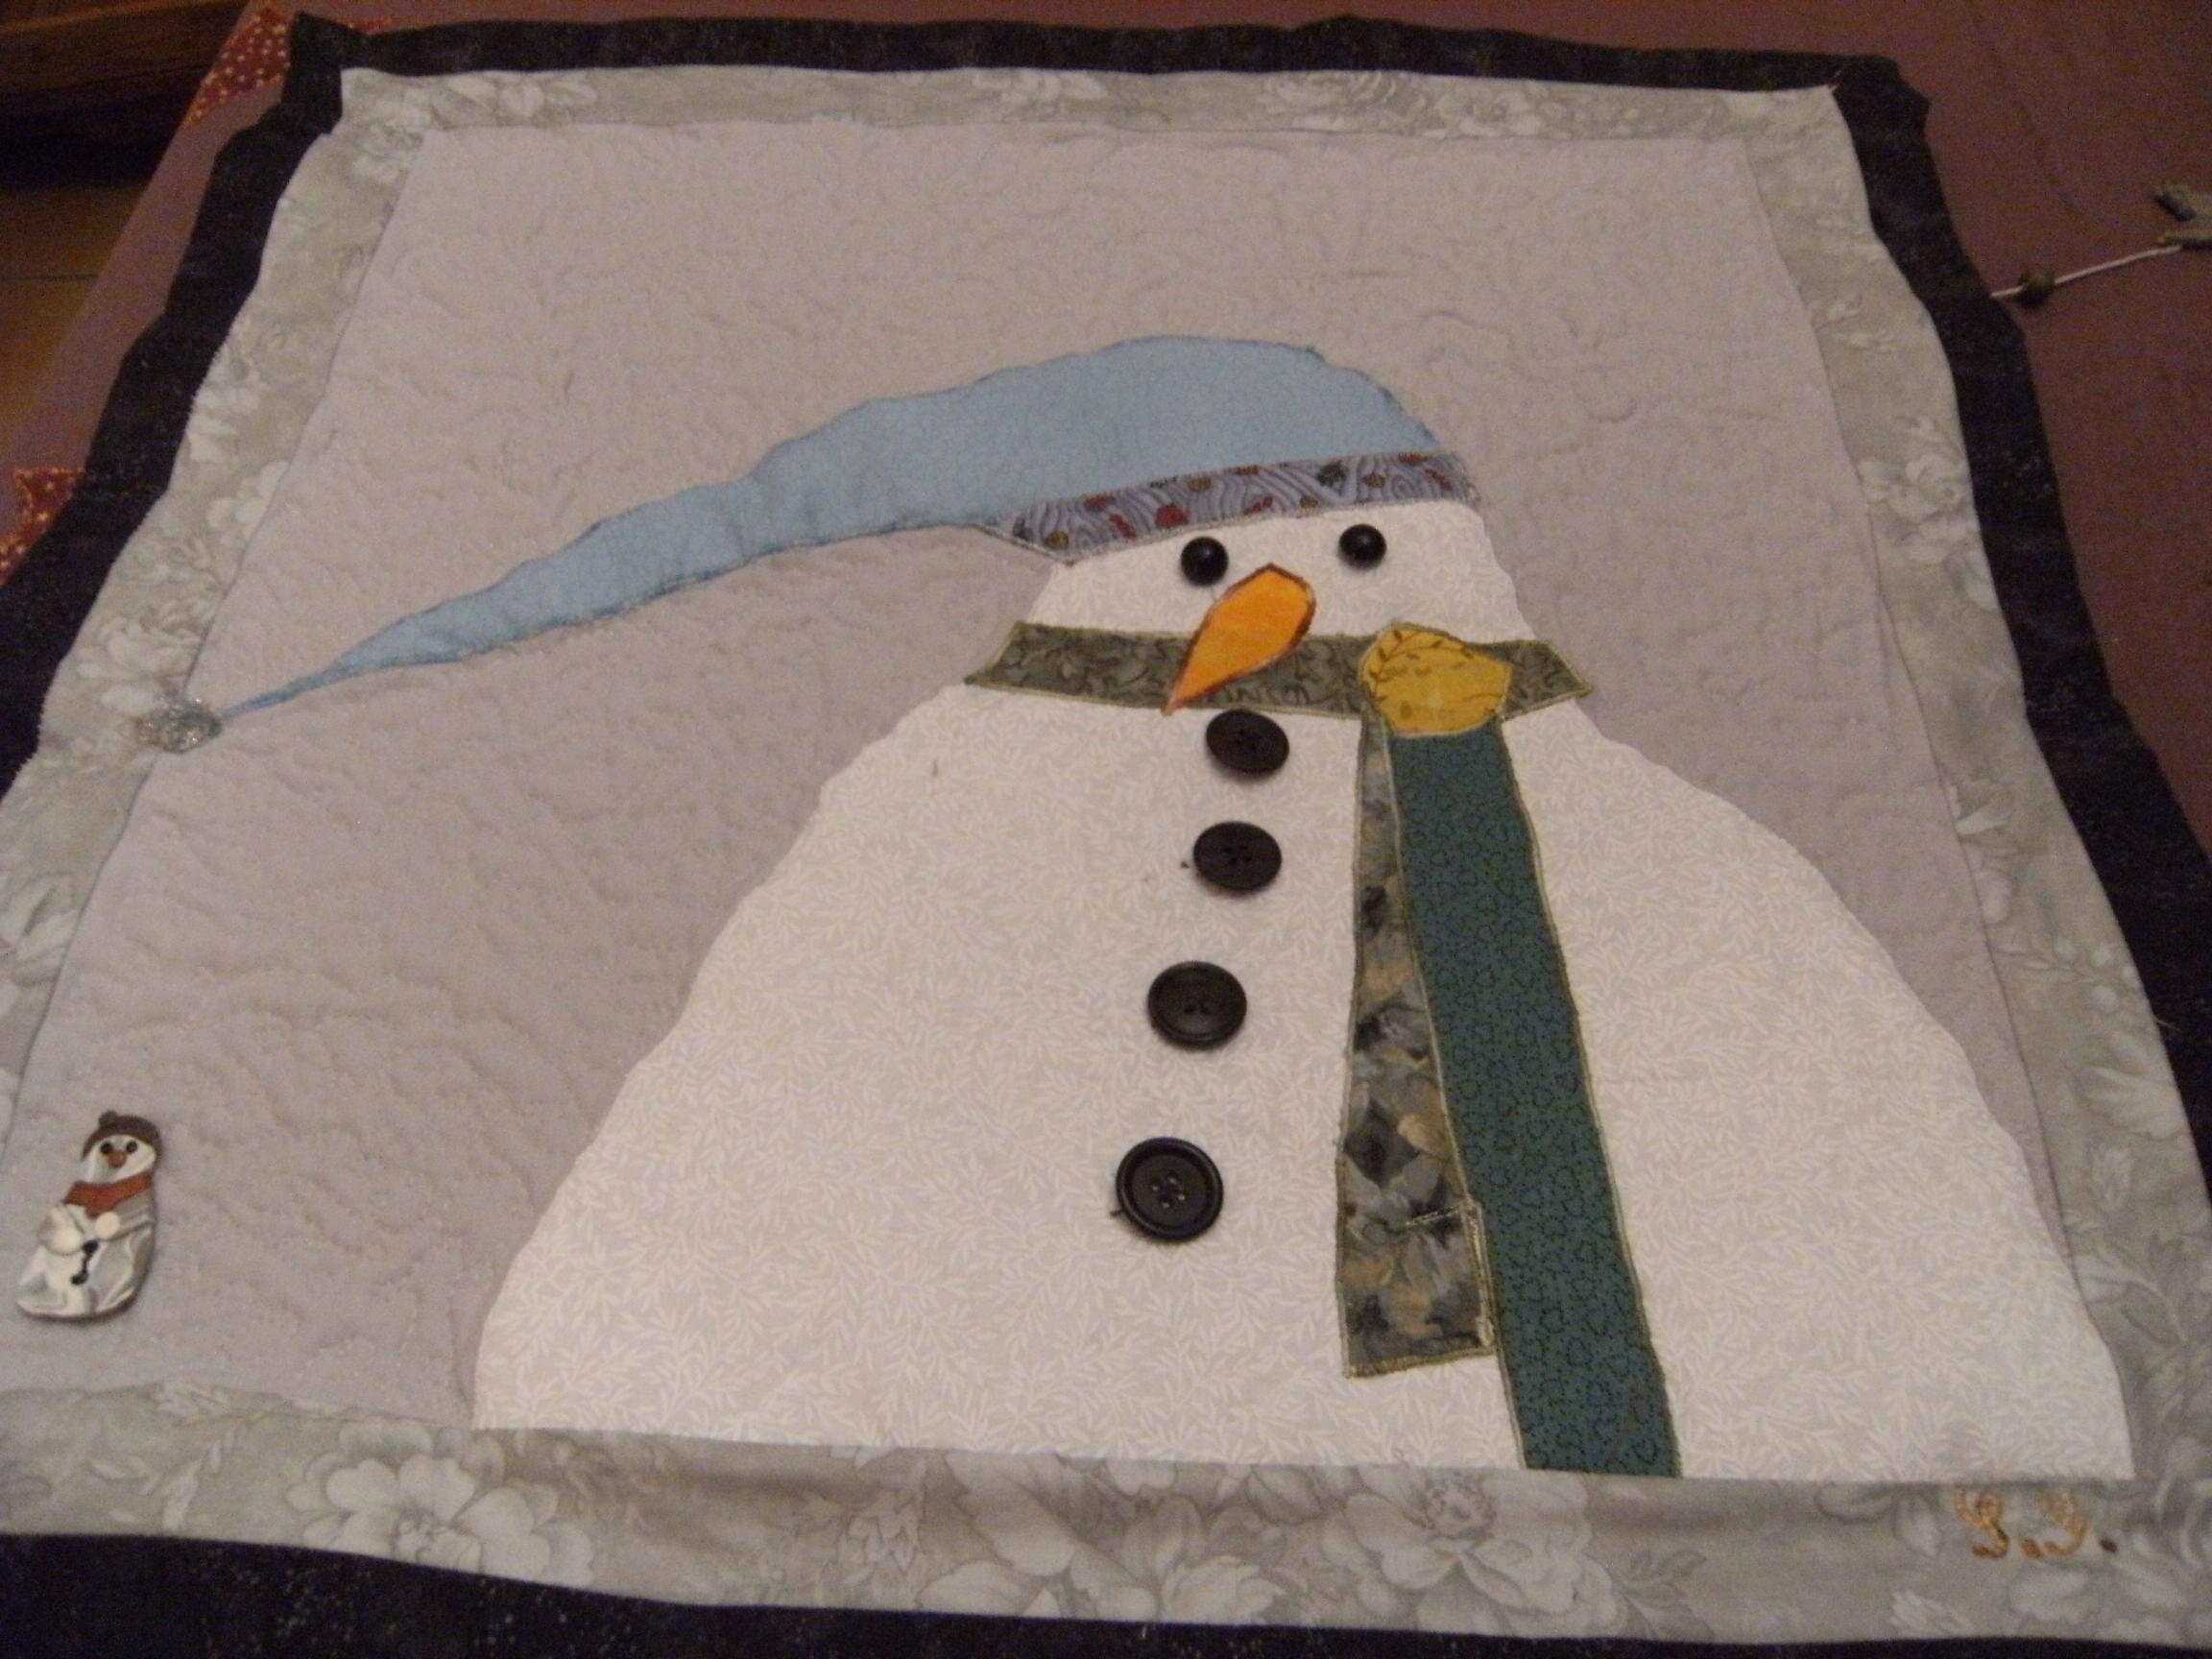 bonhomme-de-neige-decembre-2009-002.jpg